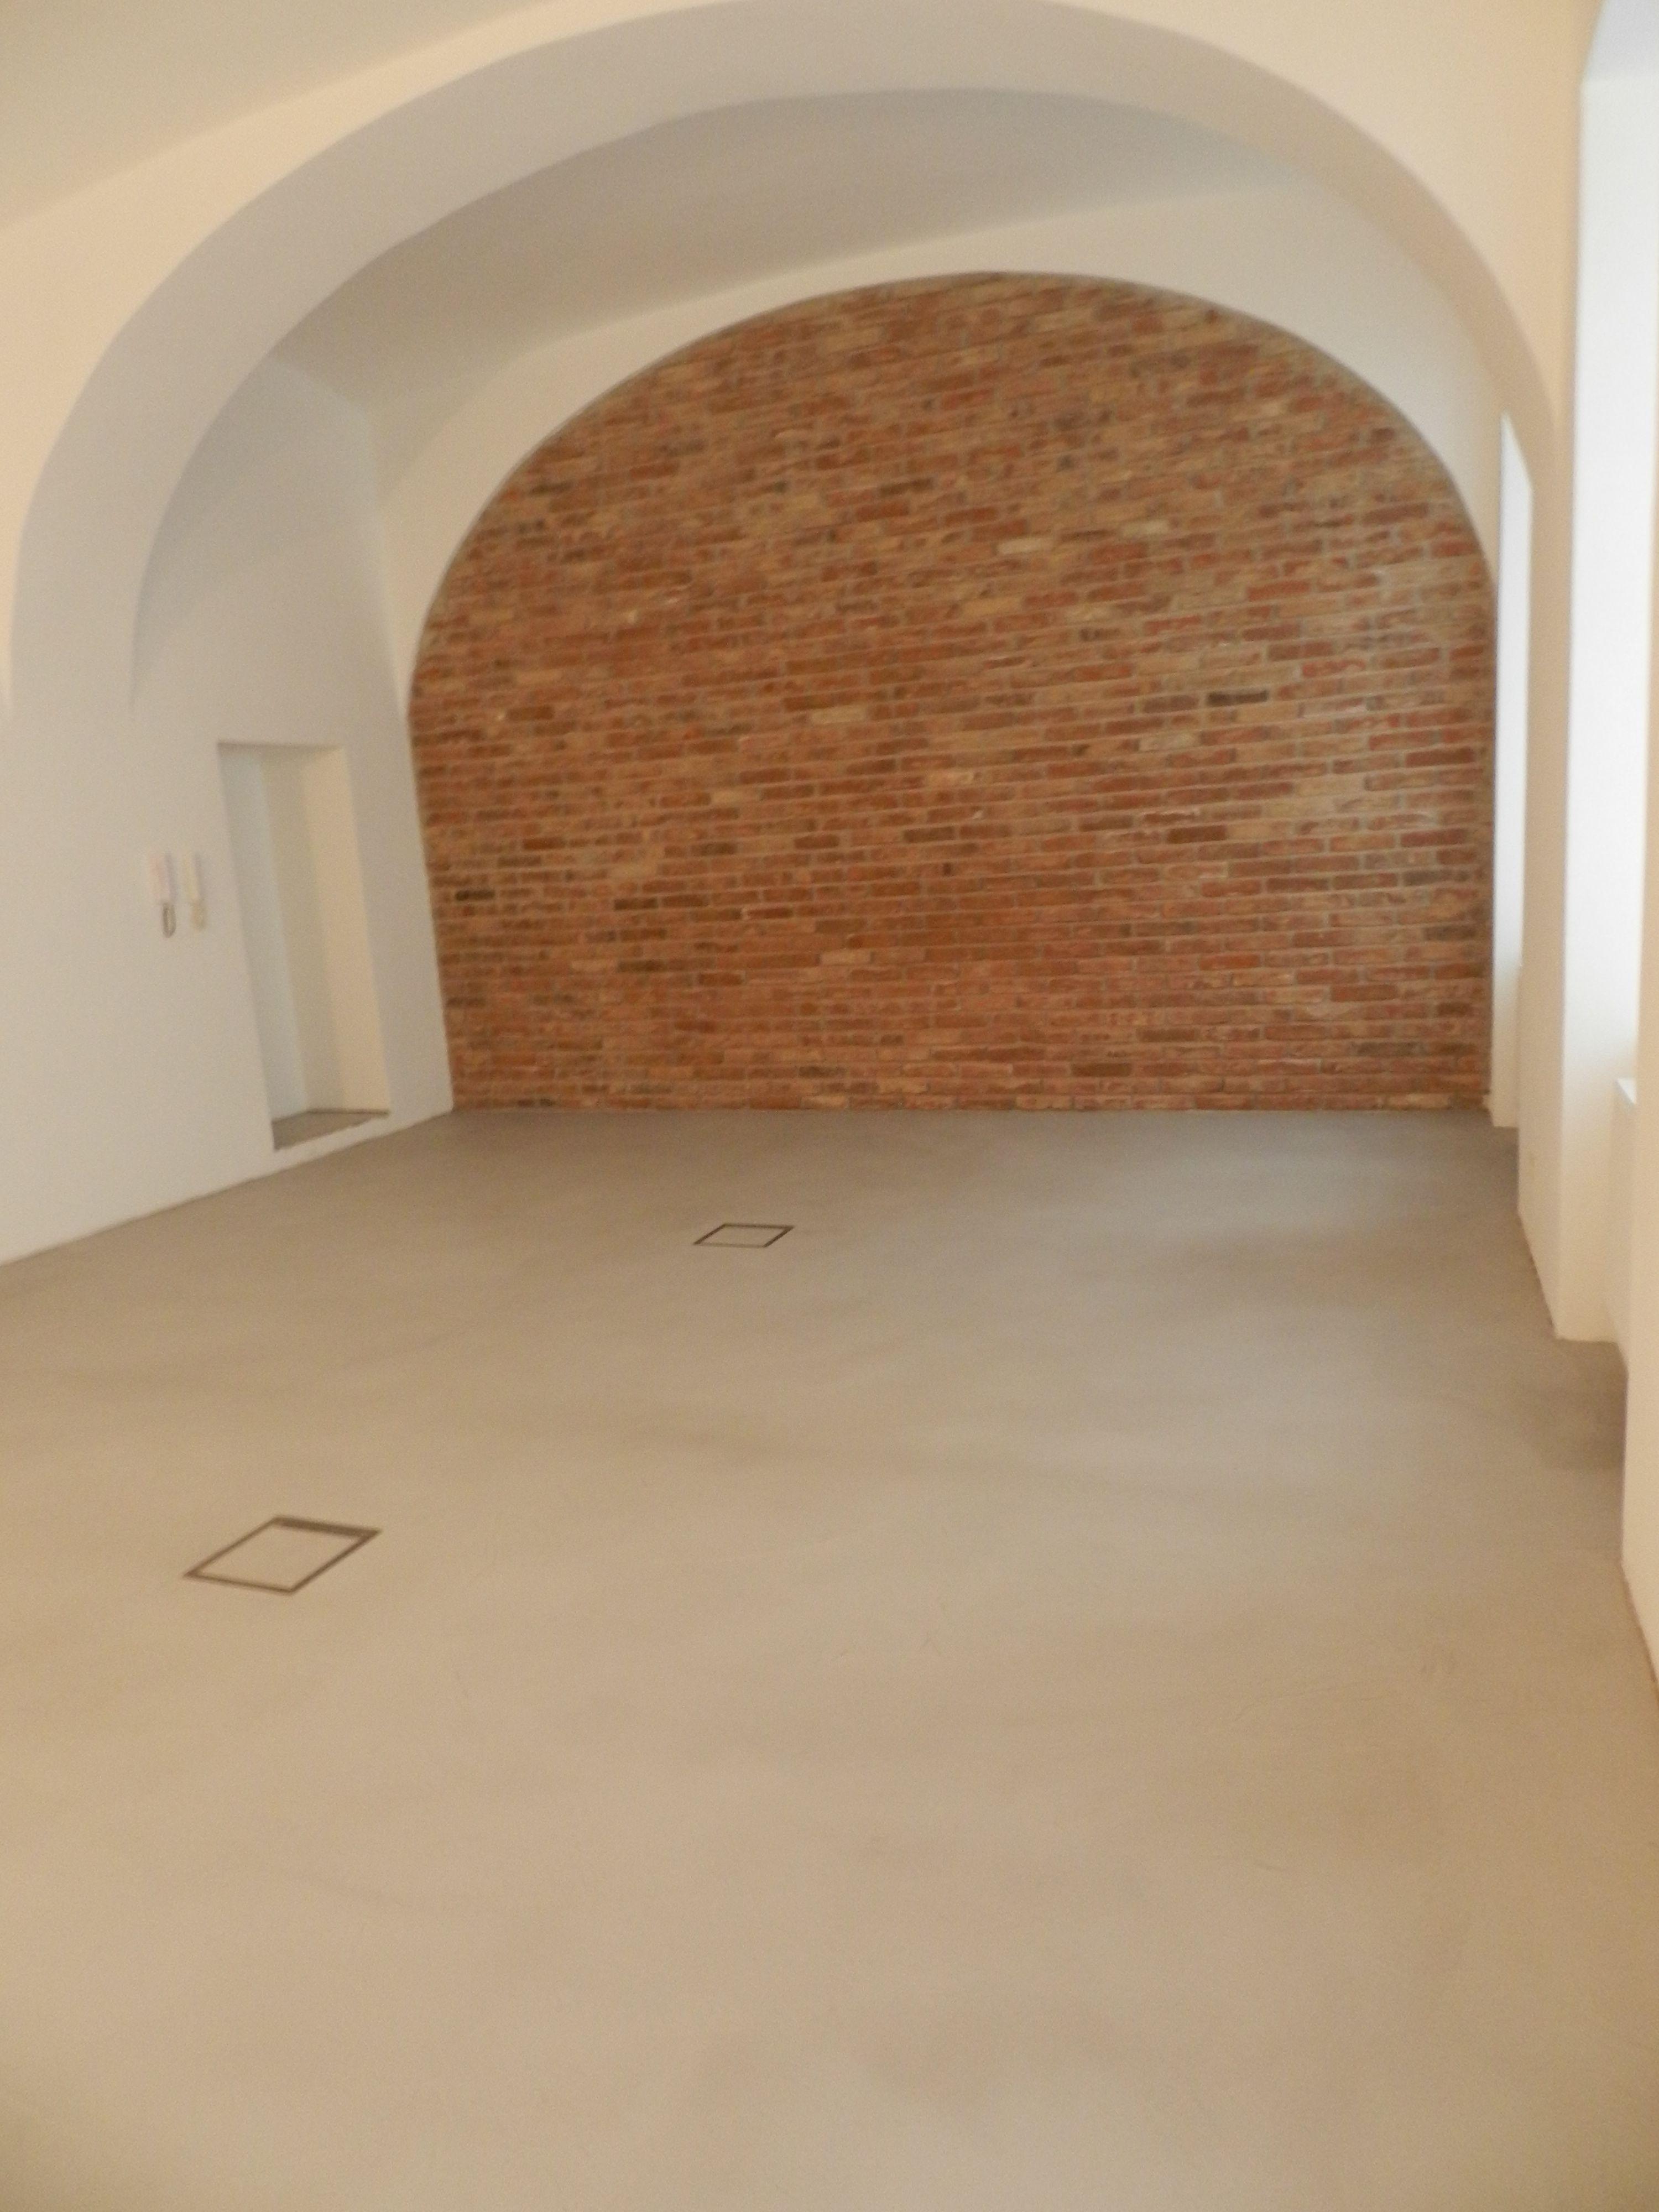 Boden Beton Brut In Der Farbe No 5 Tortara Versiegelt Mit Einem